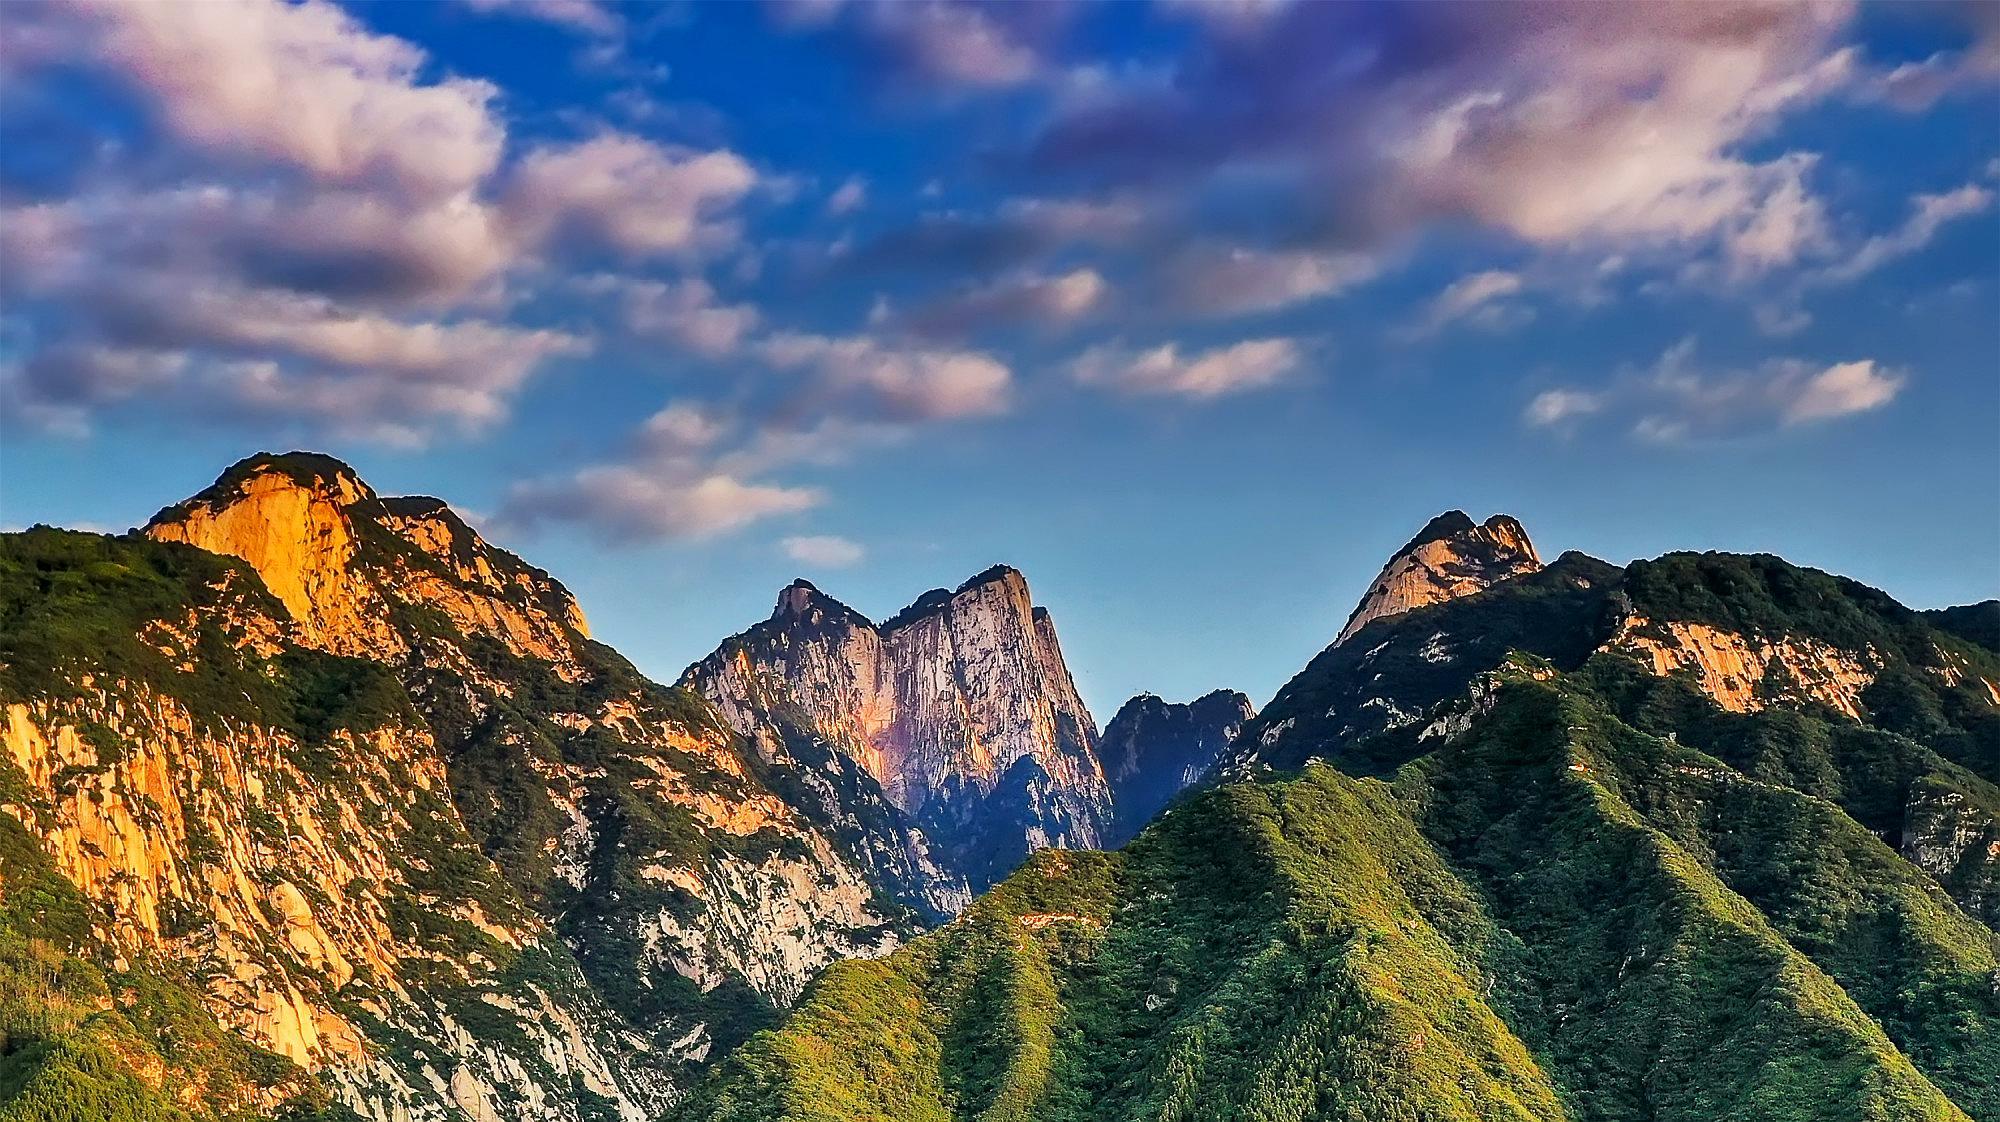 中国名胜风景航拍照片